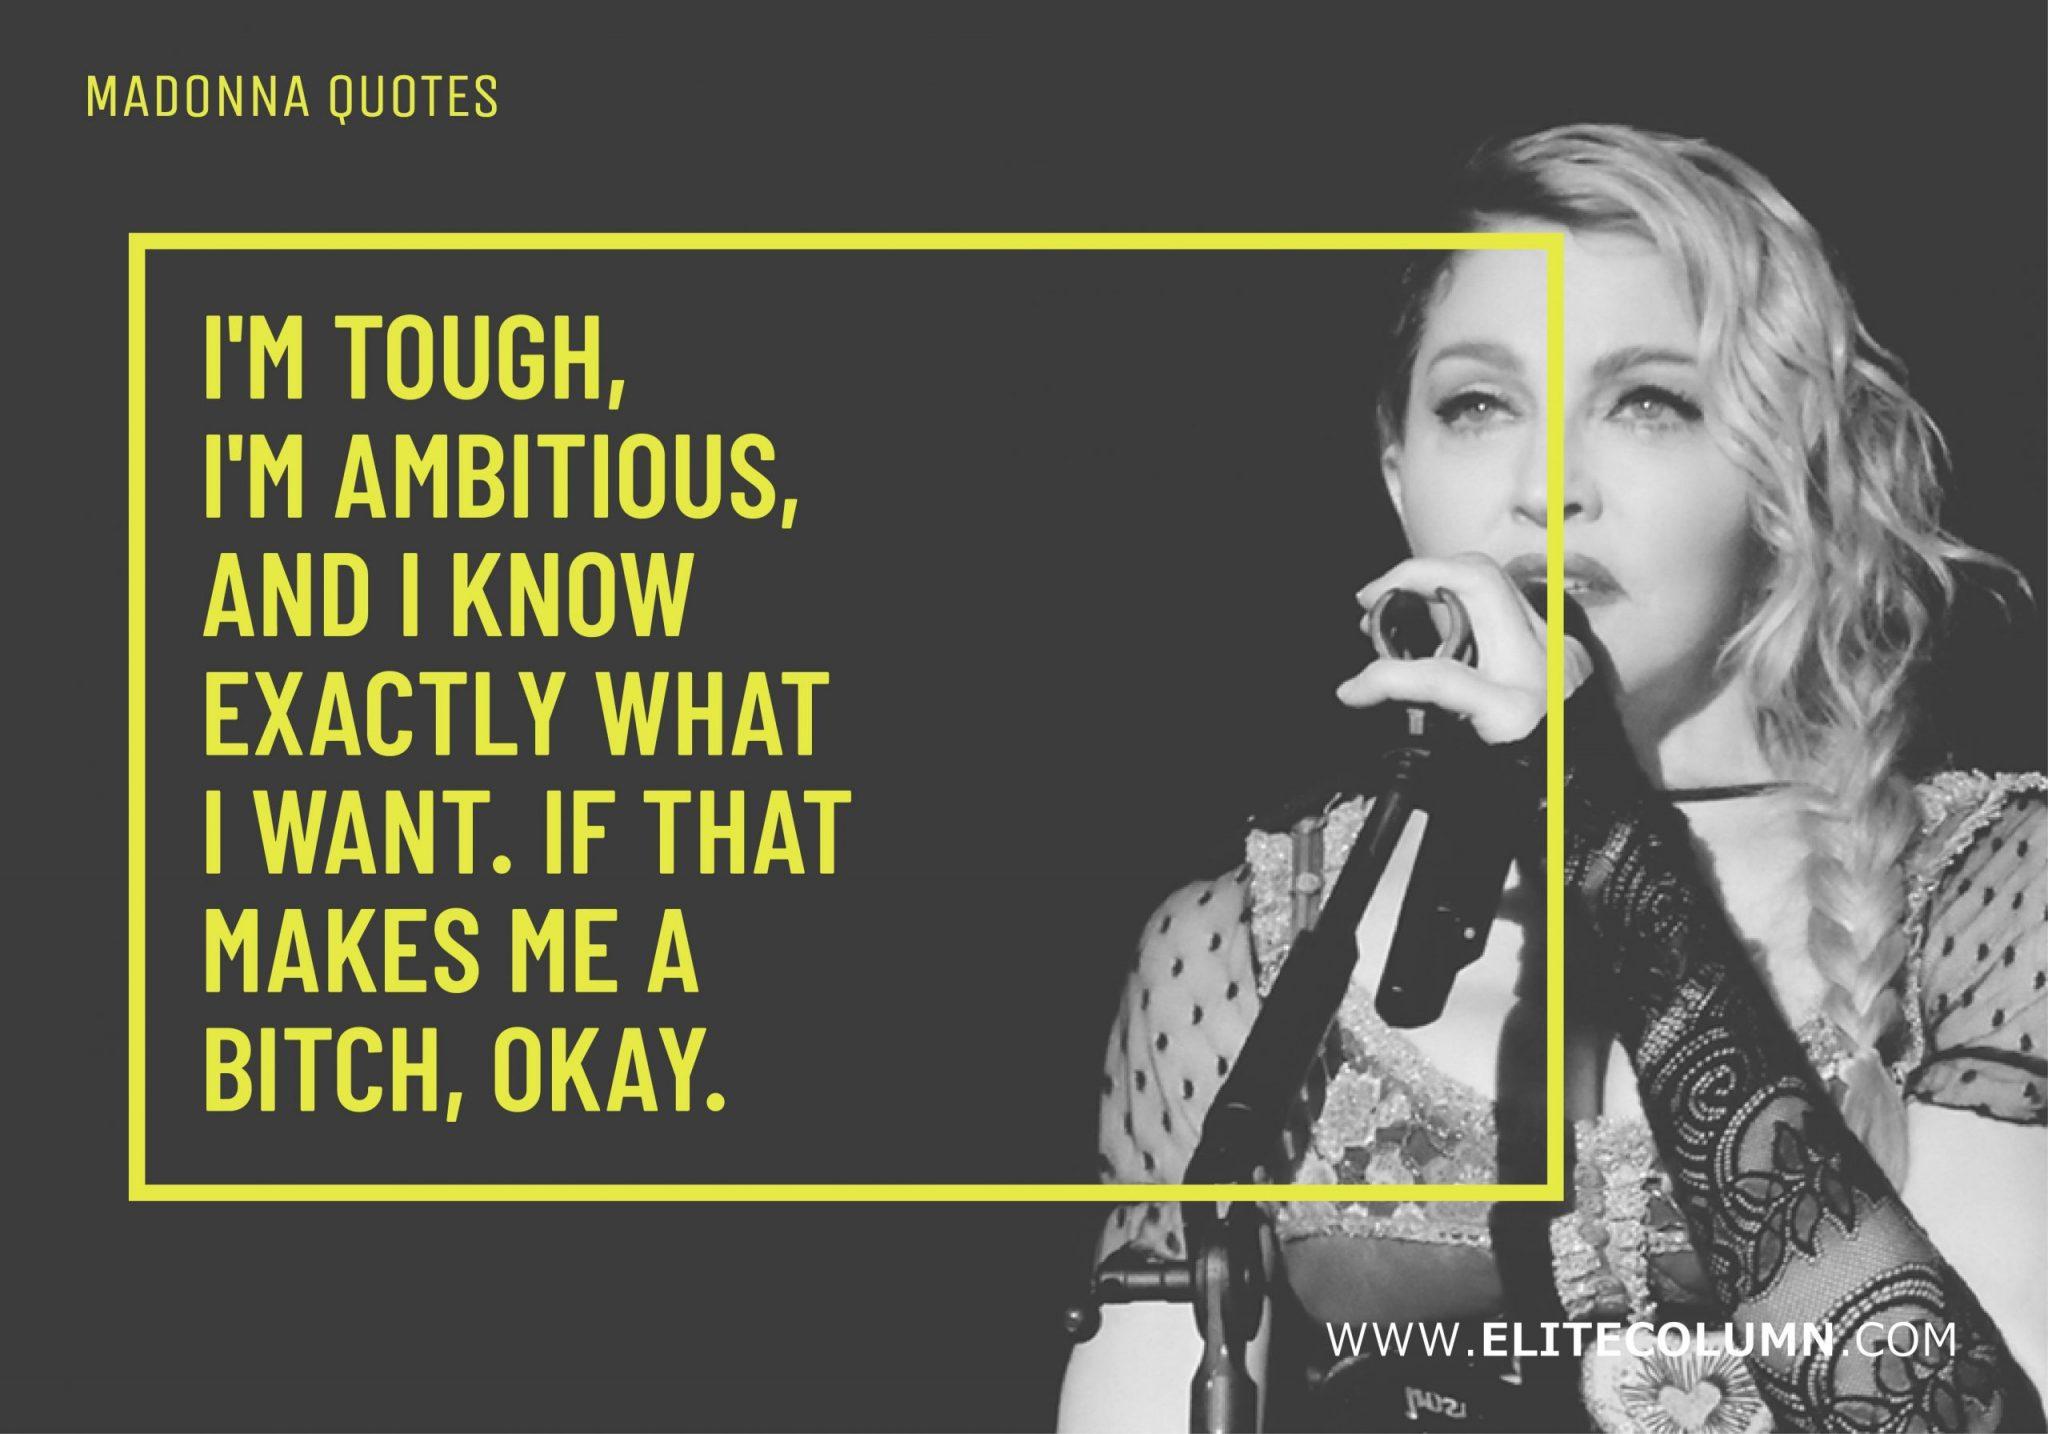 Madonna Quotes (1)